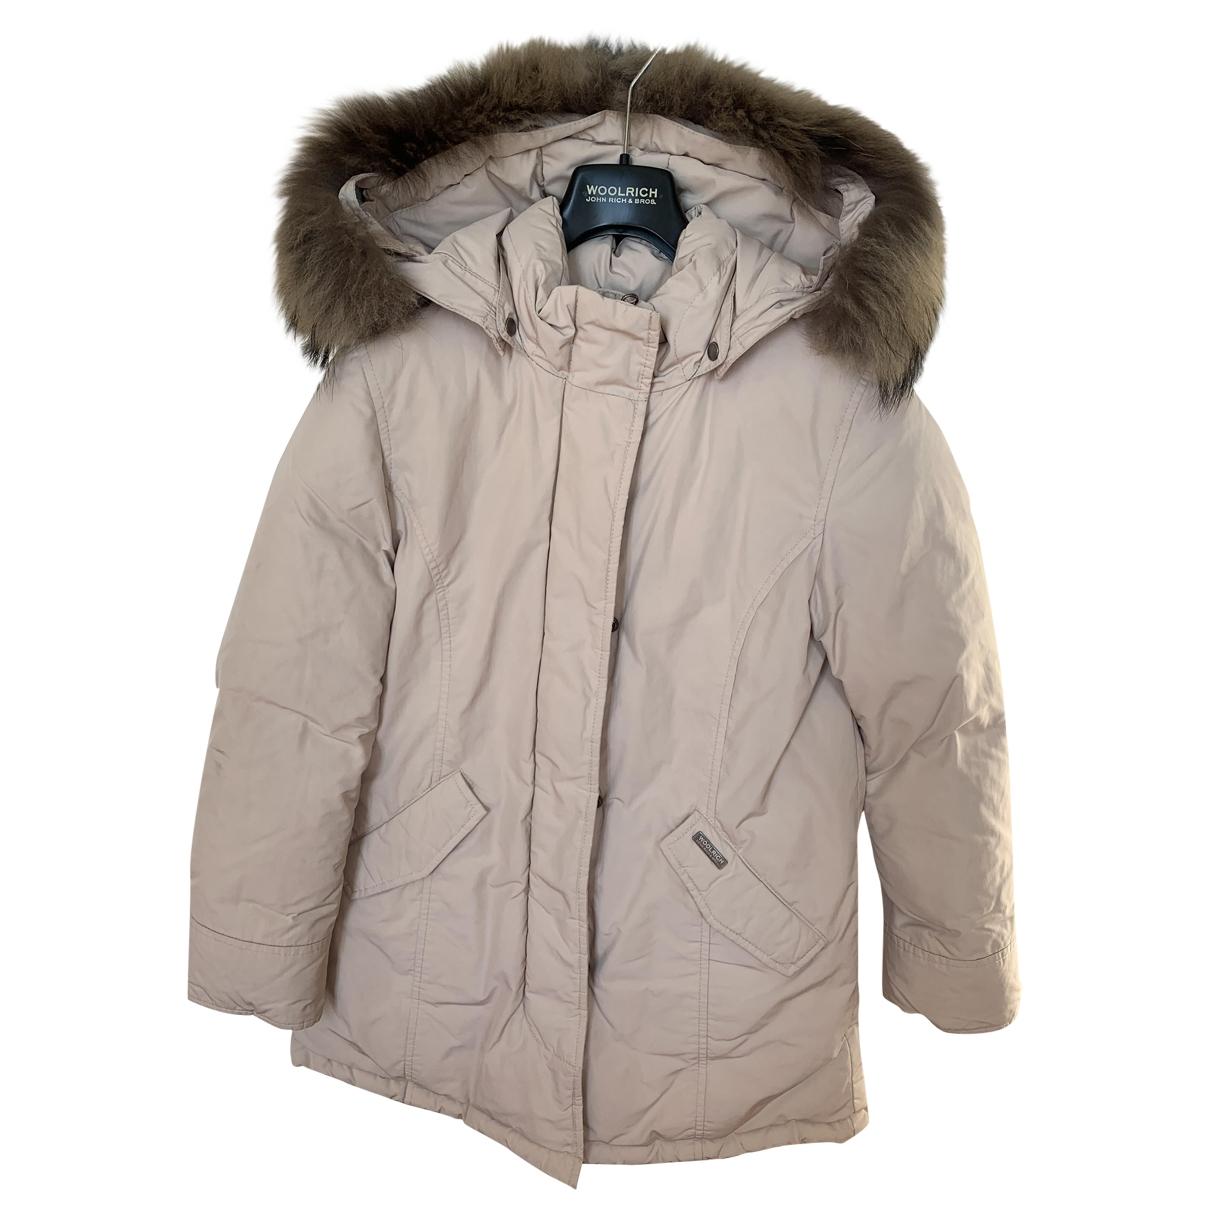 Woolrich - Blousons.Manteaux   pour enfant - rose